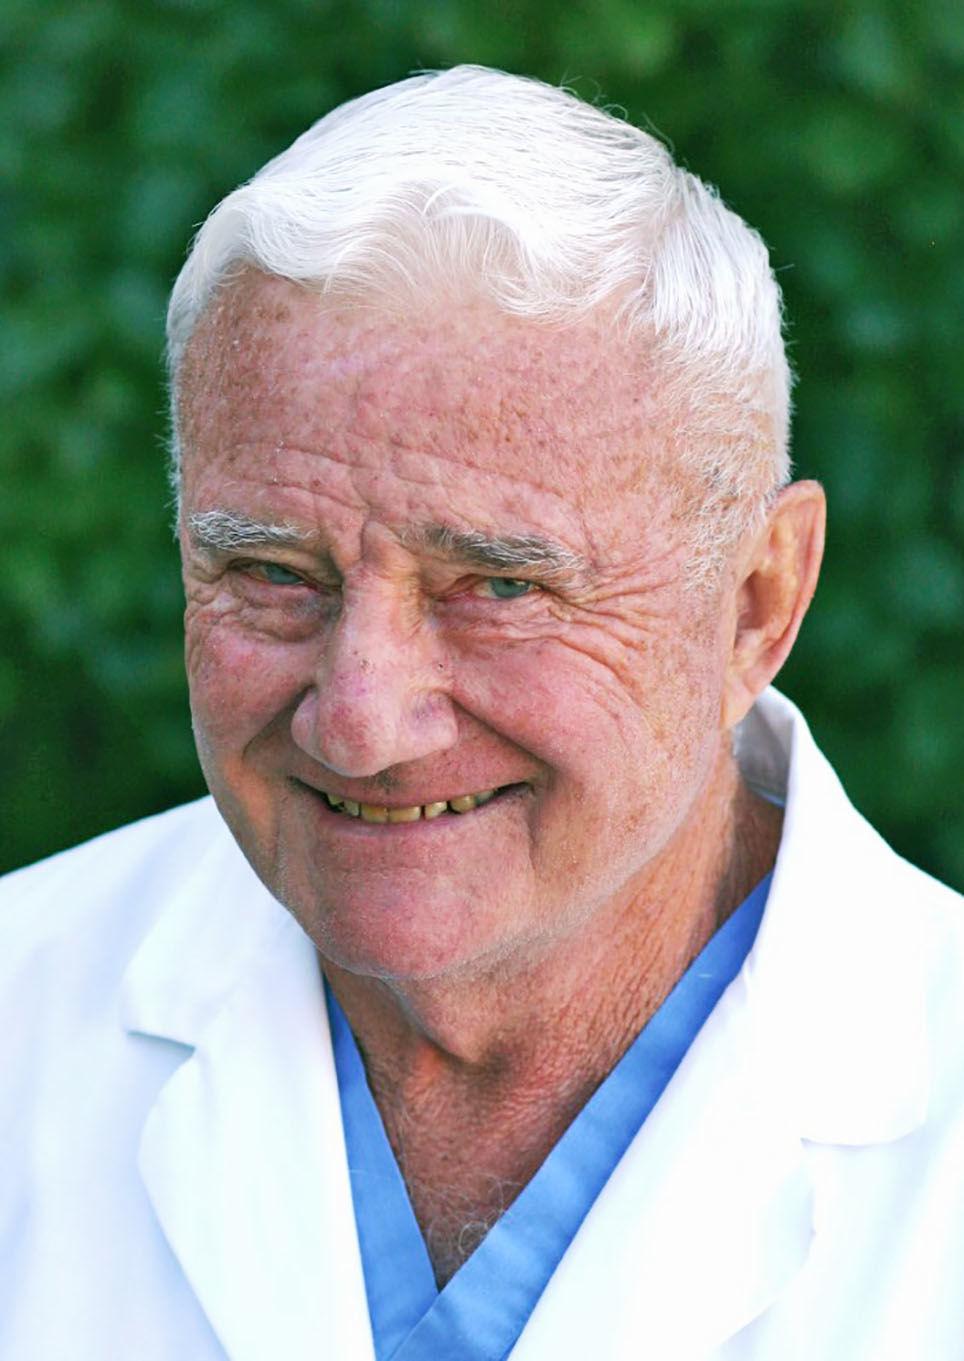 Dr. Robert D. Degnan